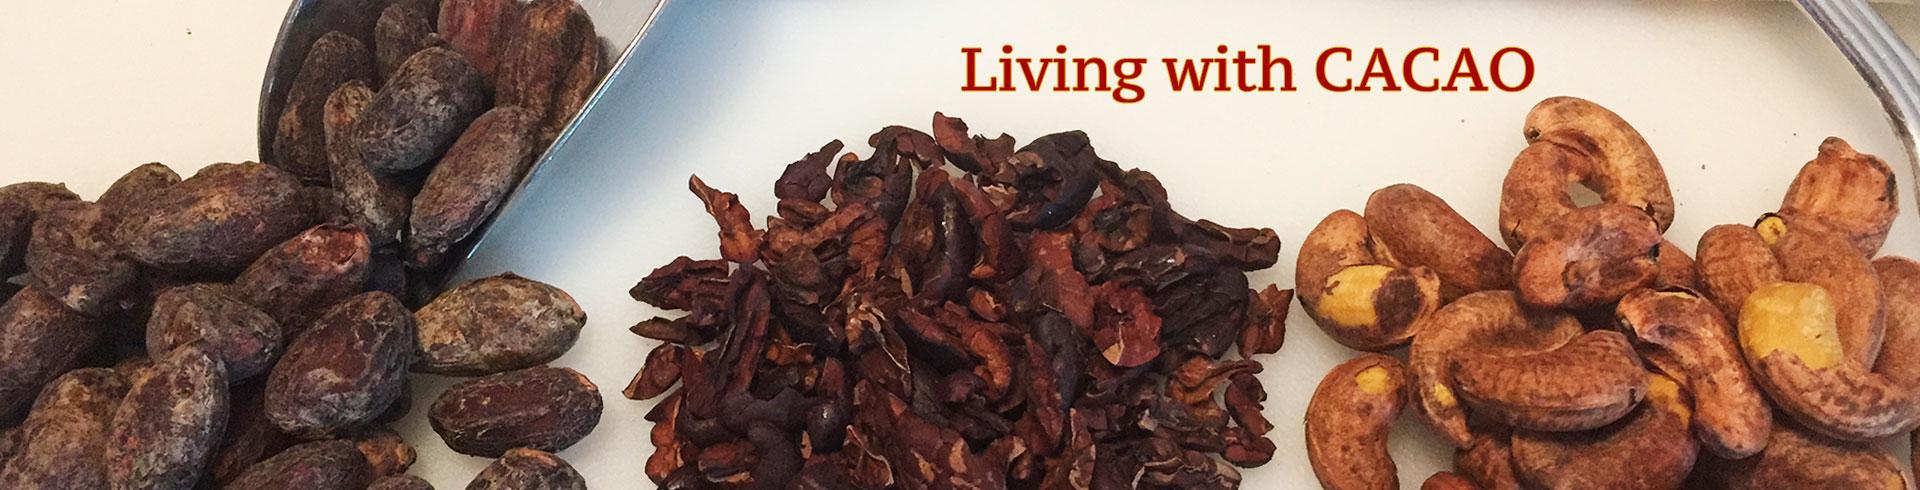 ベトナム産高級チョコレートSOCOLA ロータスとサクラ Living with CACAO